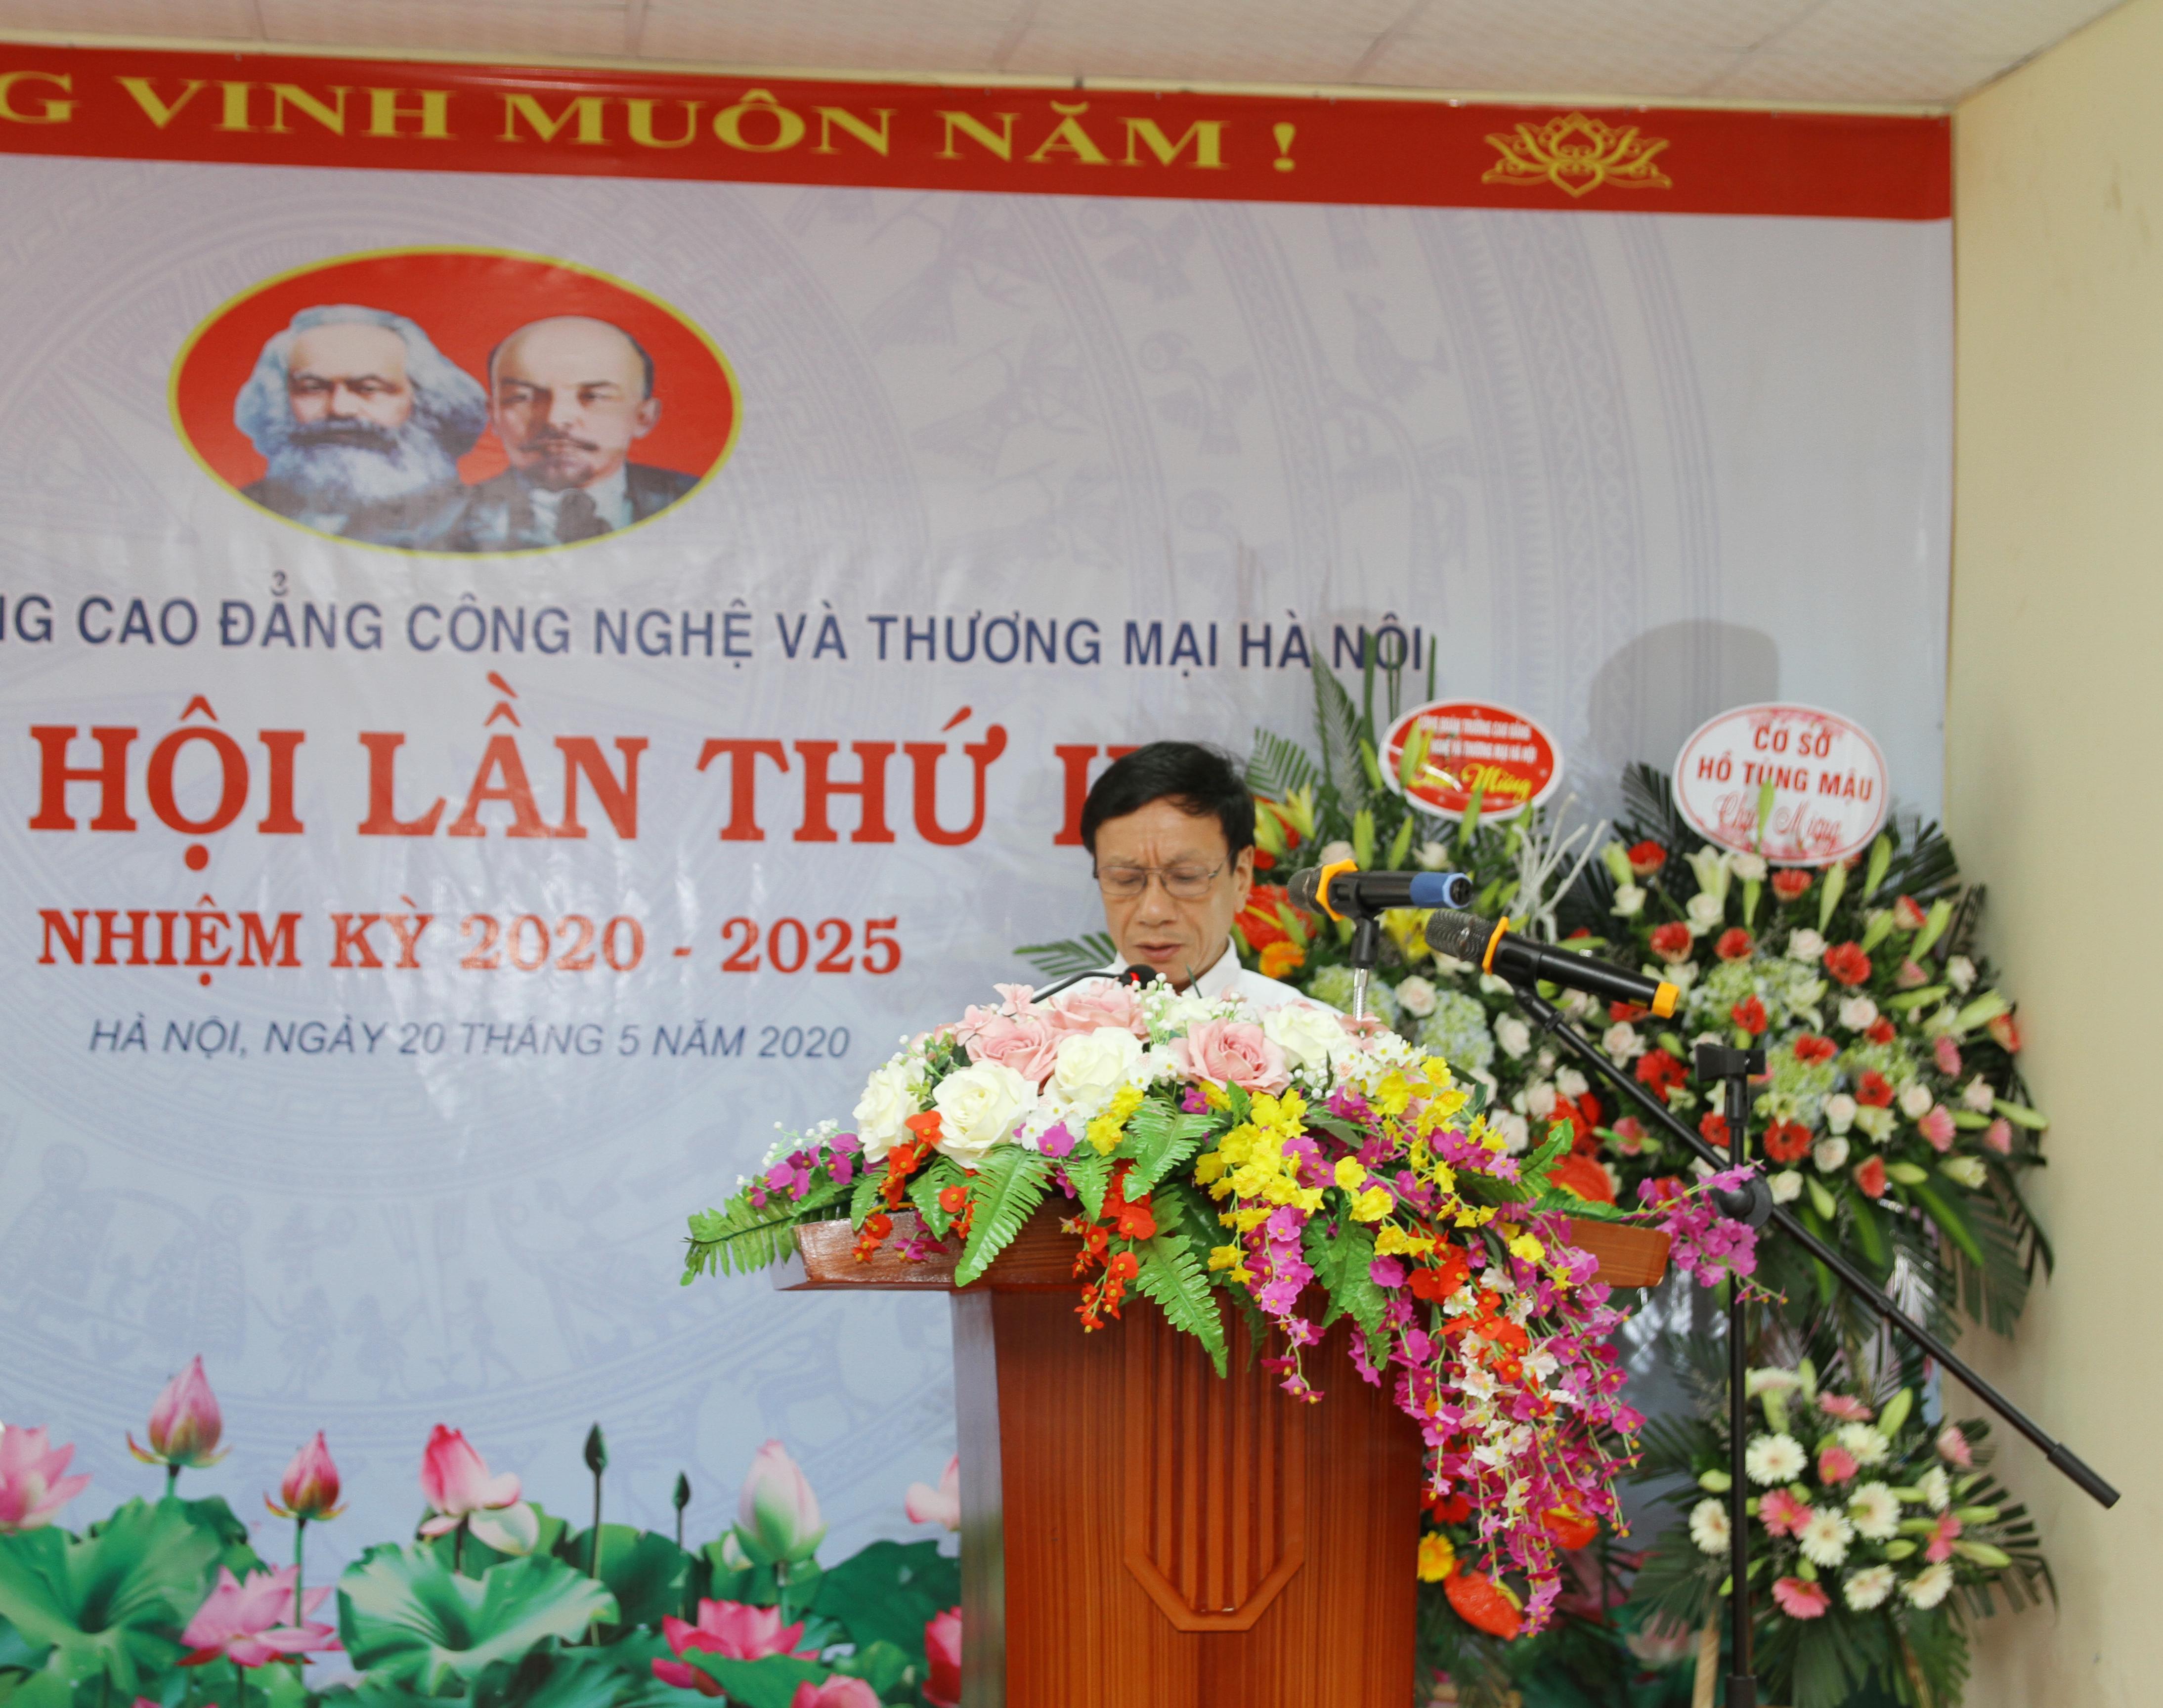 Đ/c Đặng Văn Hội - Thường vụ Huyện ủy, Trưởng ban dân vận Huyện ủy Đan Phượng phát biểu chỉ đạo tại Đại hội